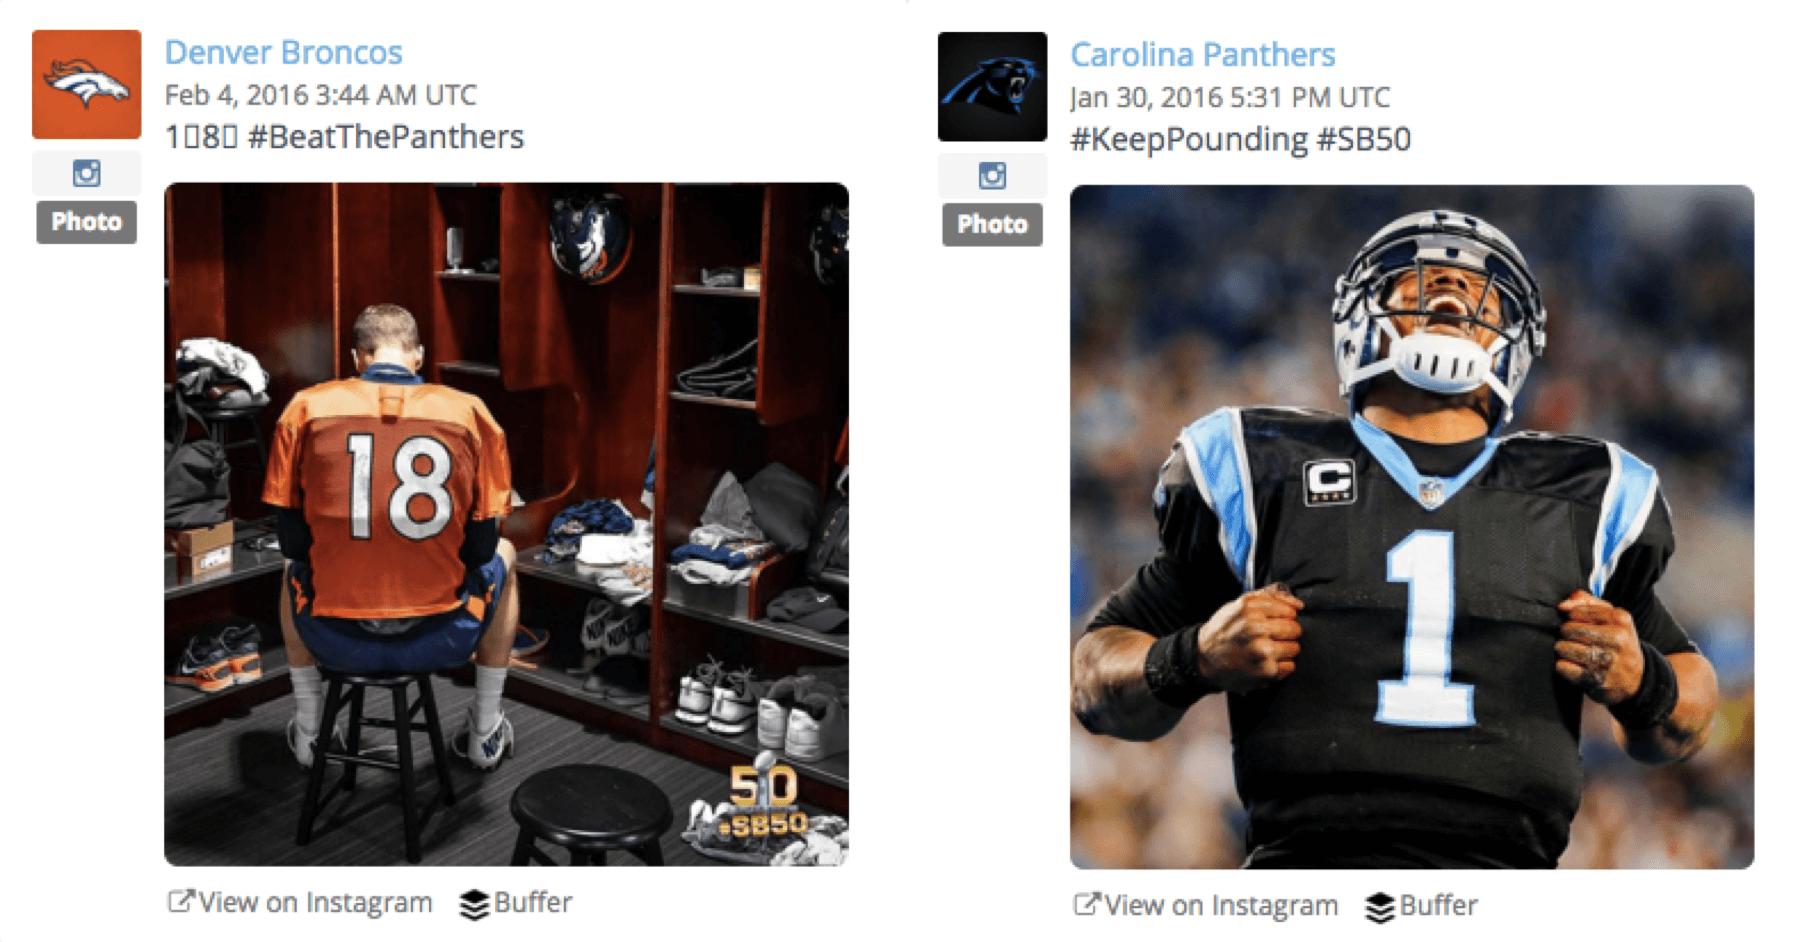 Super Bowl 50 Images Speak Louder Than Words